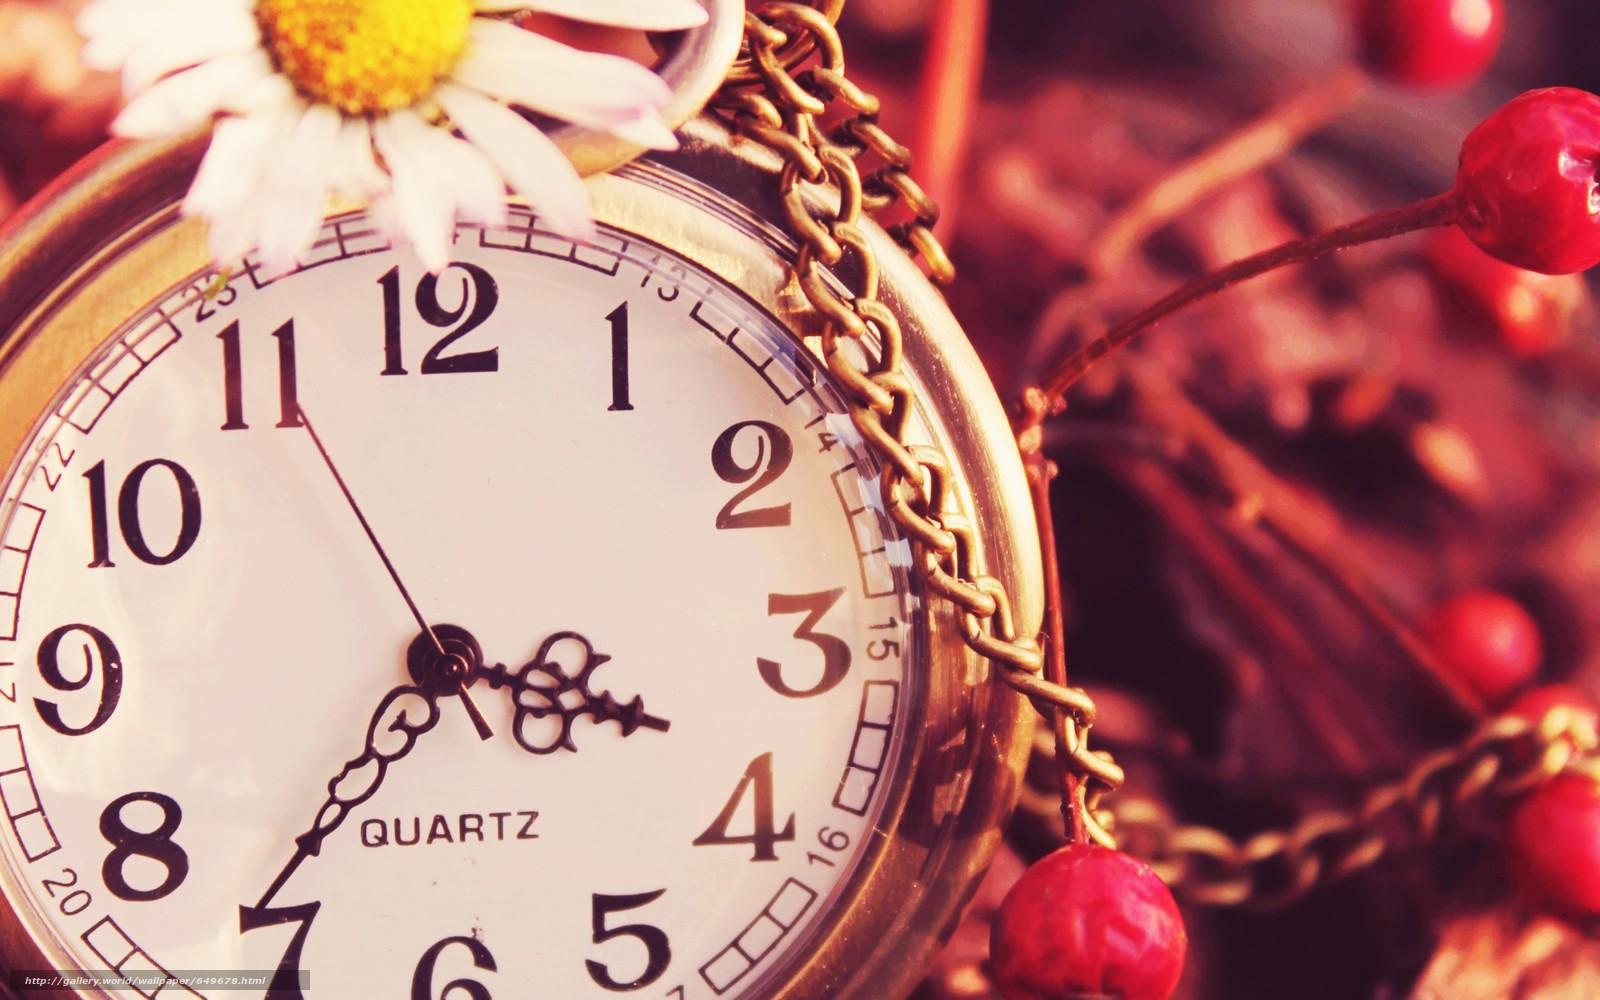 Скачать обои часы,  часики,  цепочка,  ромашка бесплатно для рабочего стола в разрешении 2560x1600 — картинка №649678